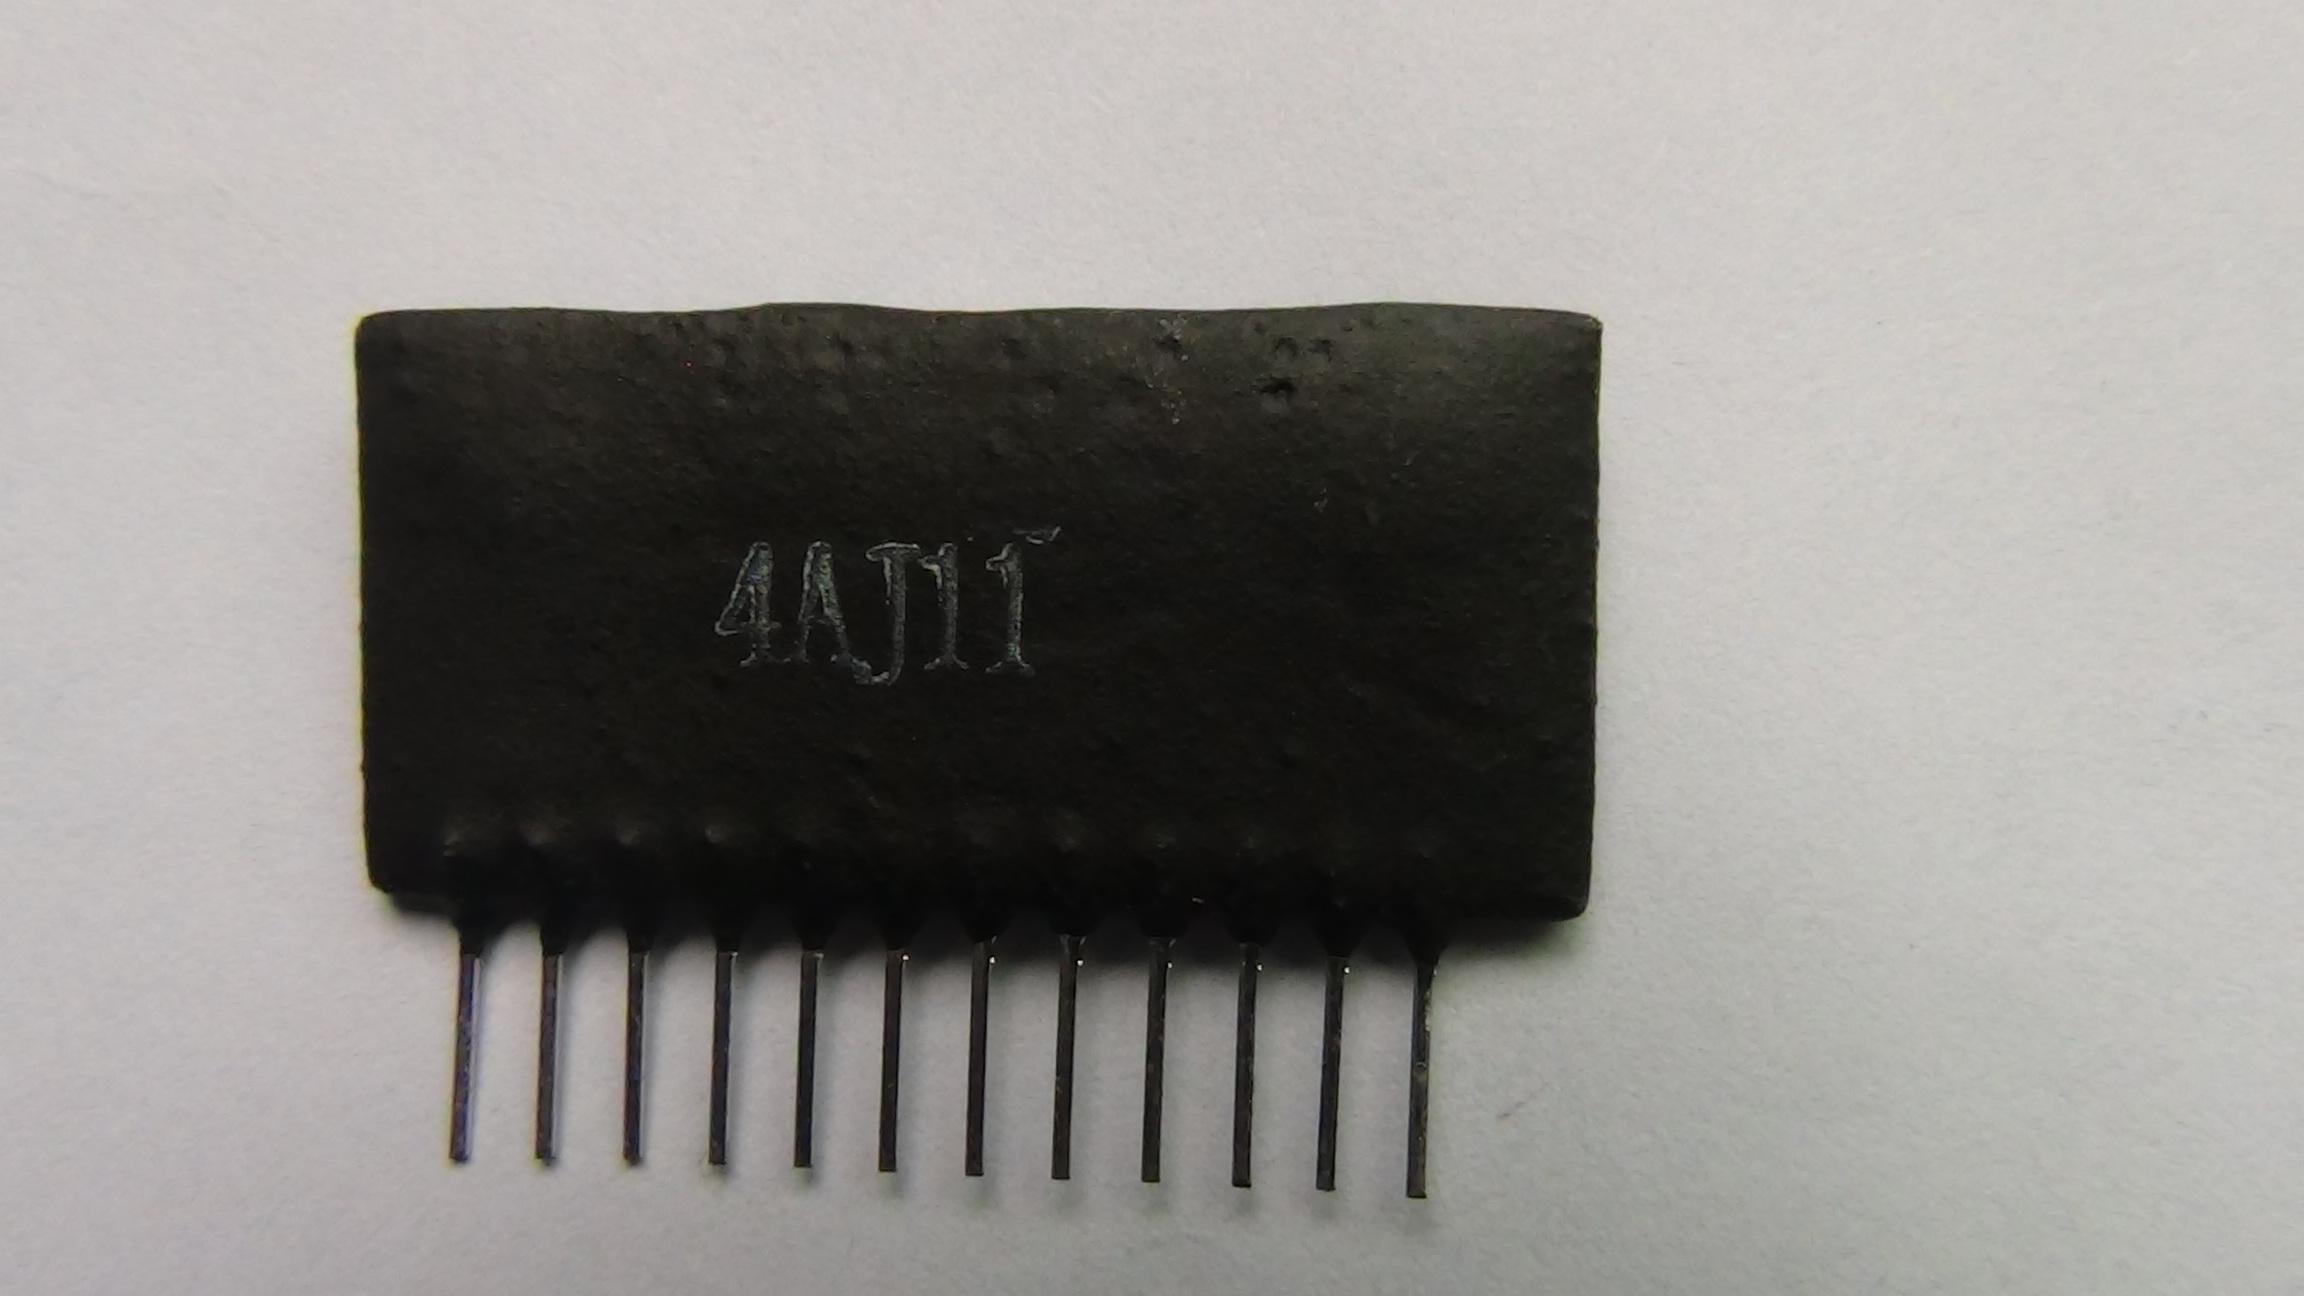 ¡Envío gratis! 4AJ11 - Componentes electrónicos del excavador - Accesorios de electrodomésticos eléctricos - Piezas de máquinas de excavación - Módulo de película gruesa para el excavador